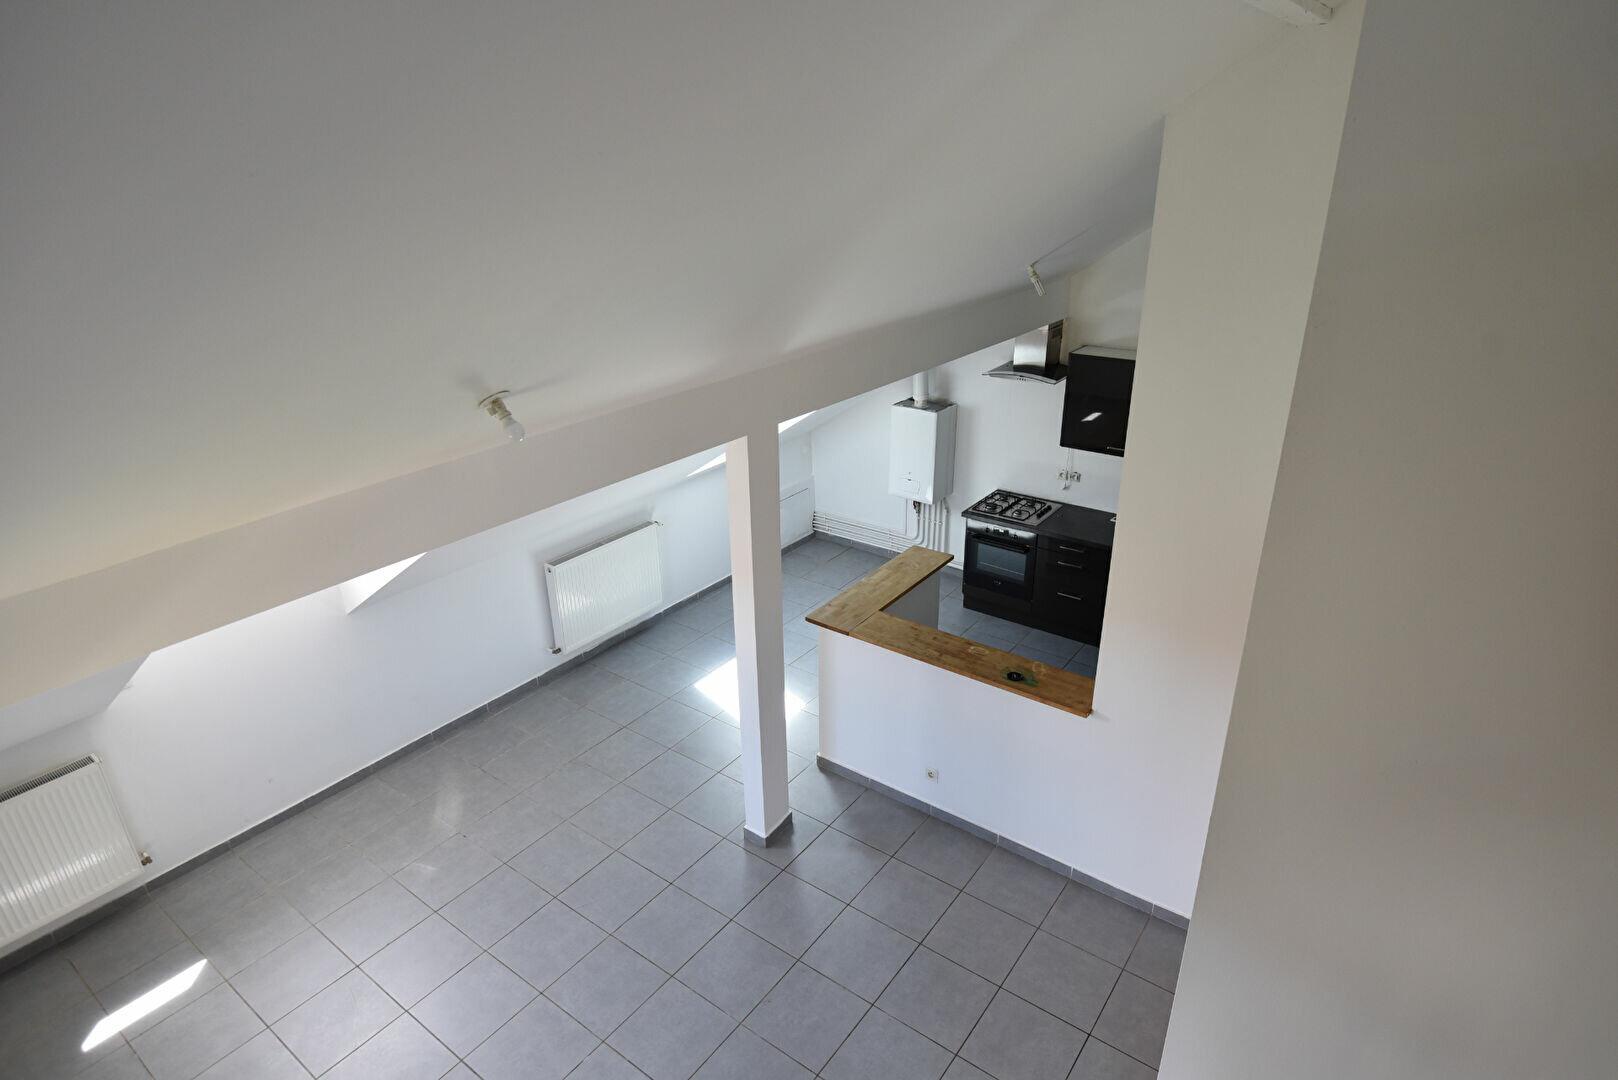 Appartement à louer 3 78.66m2 à Maizières-lès-Metz vignette-3